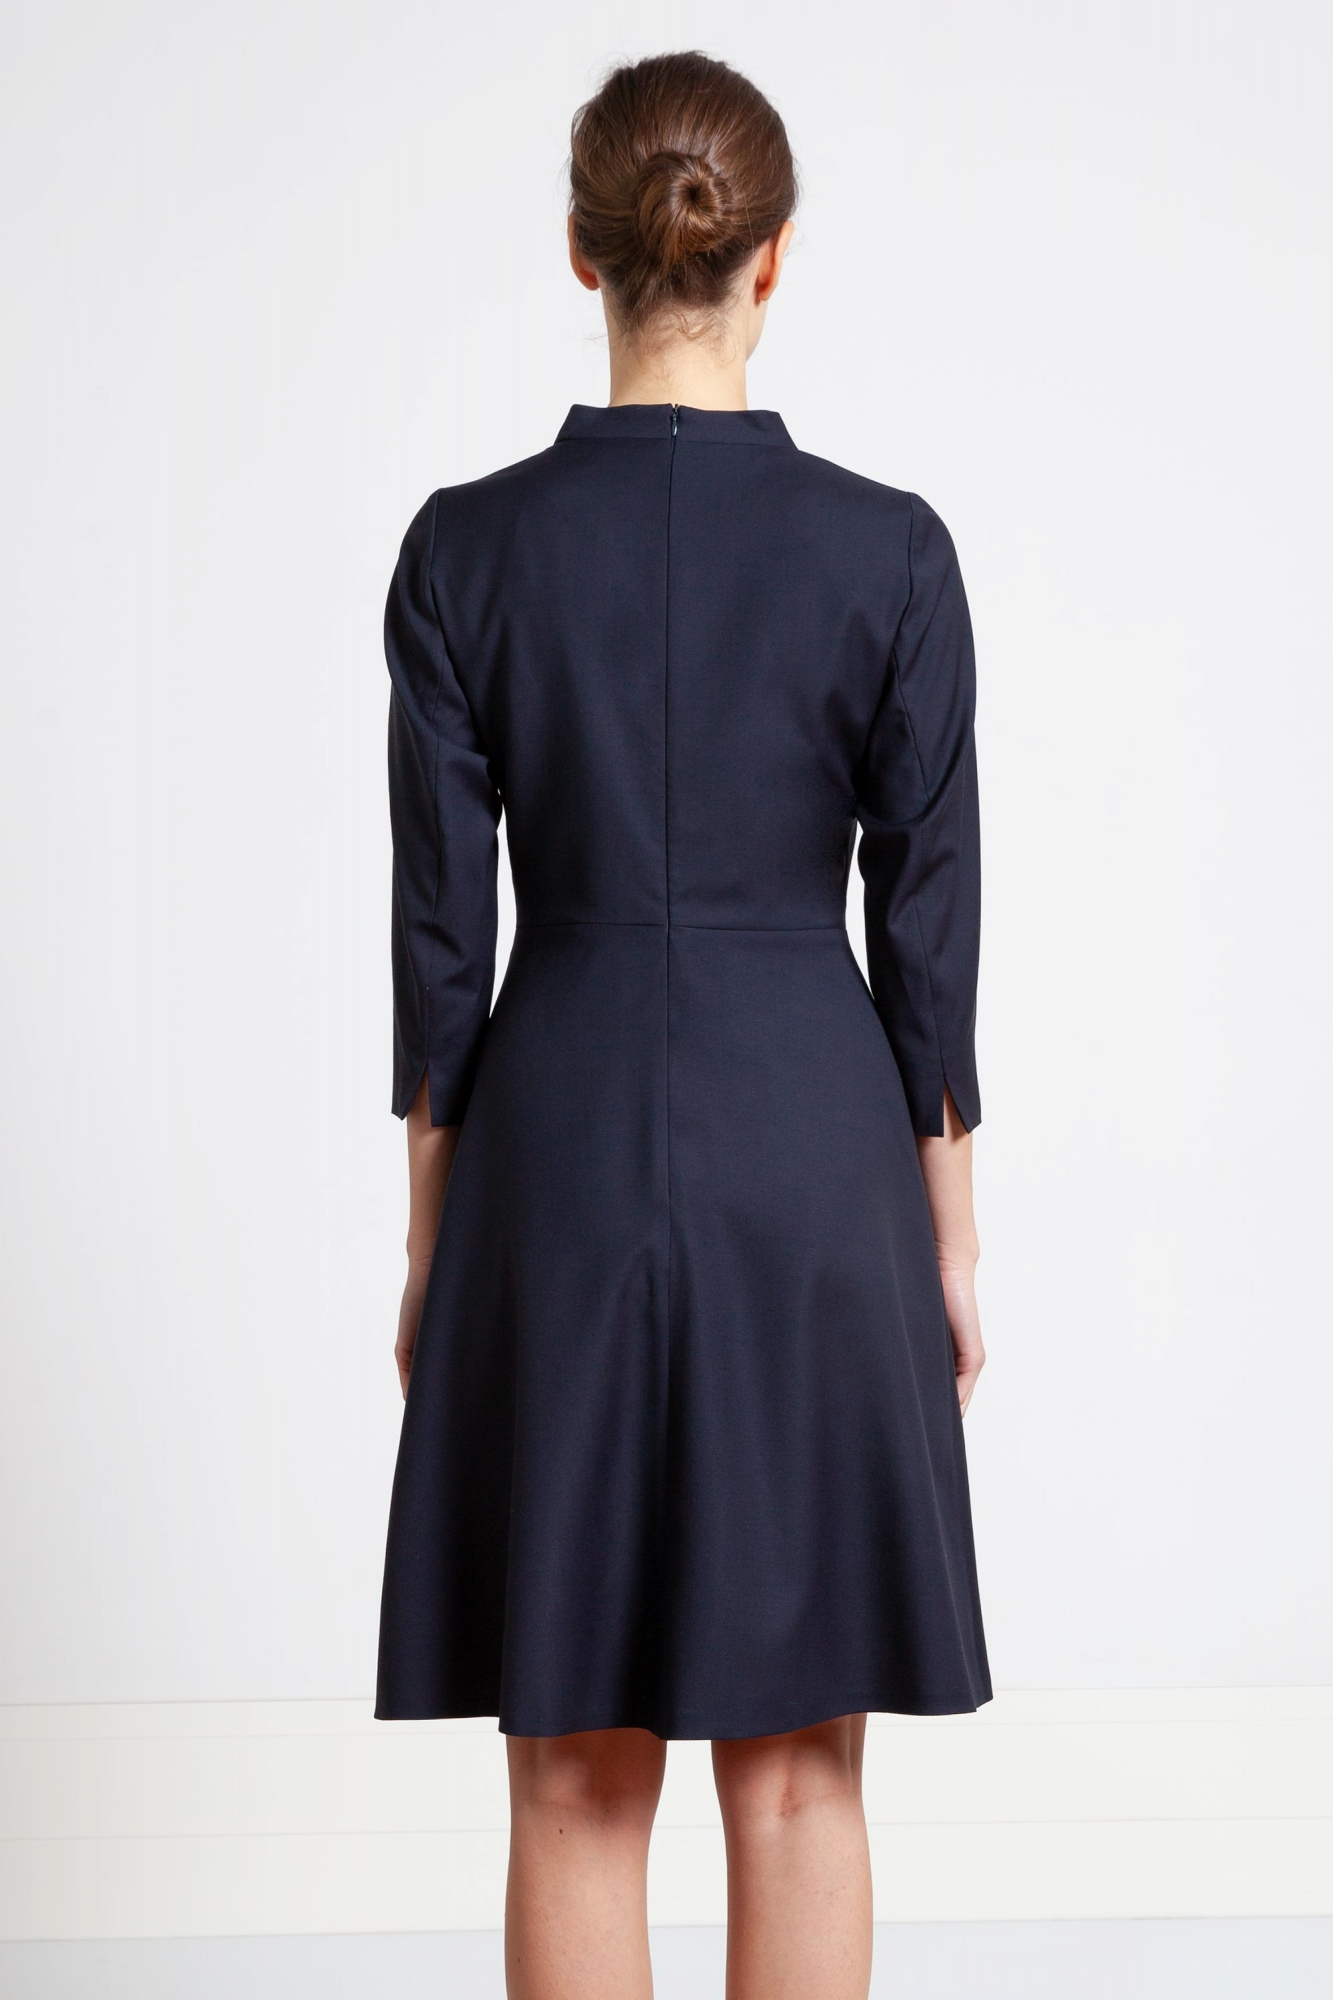 e8906c900e Szycie na miarę przez internet sukienka z cienkiej wełny.Beata Cupriak